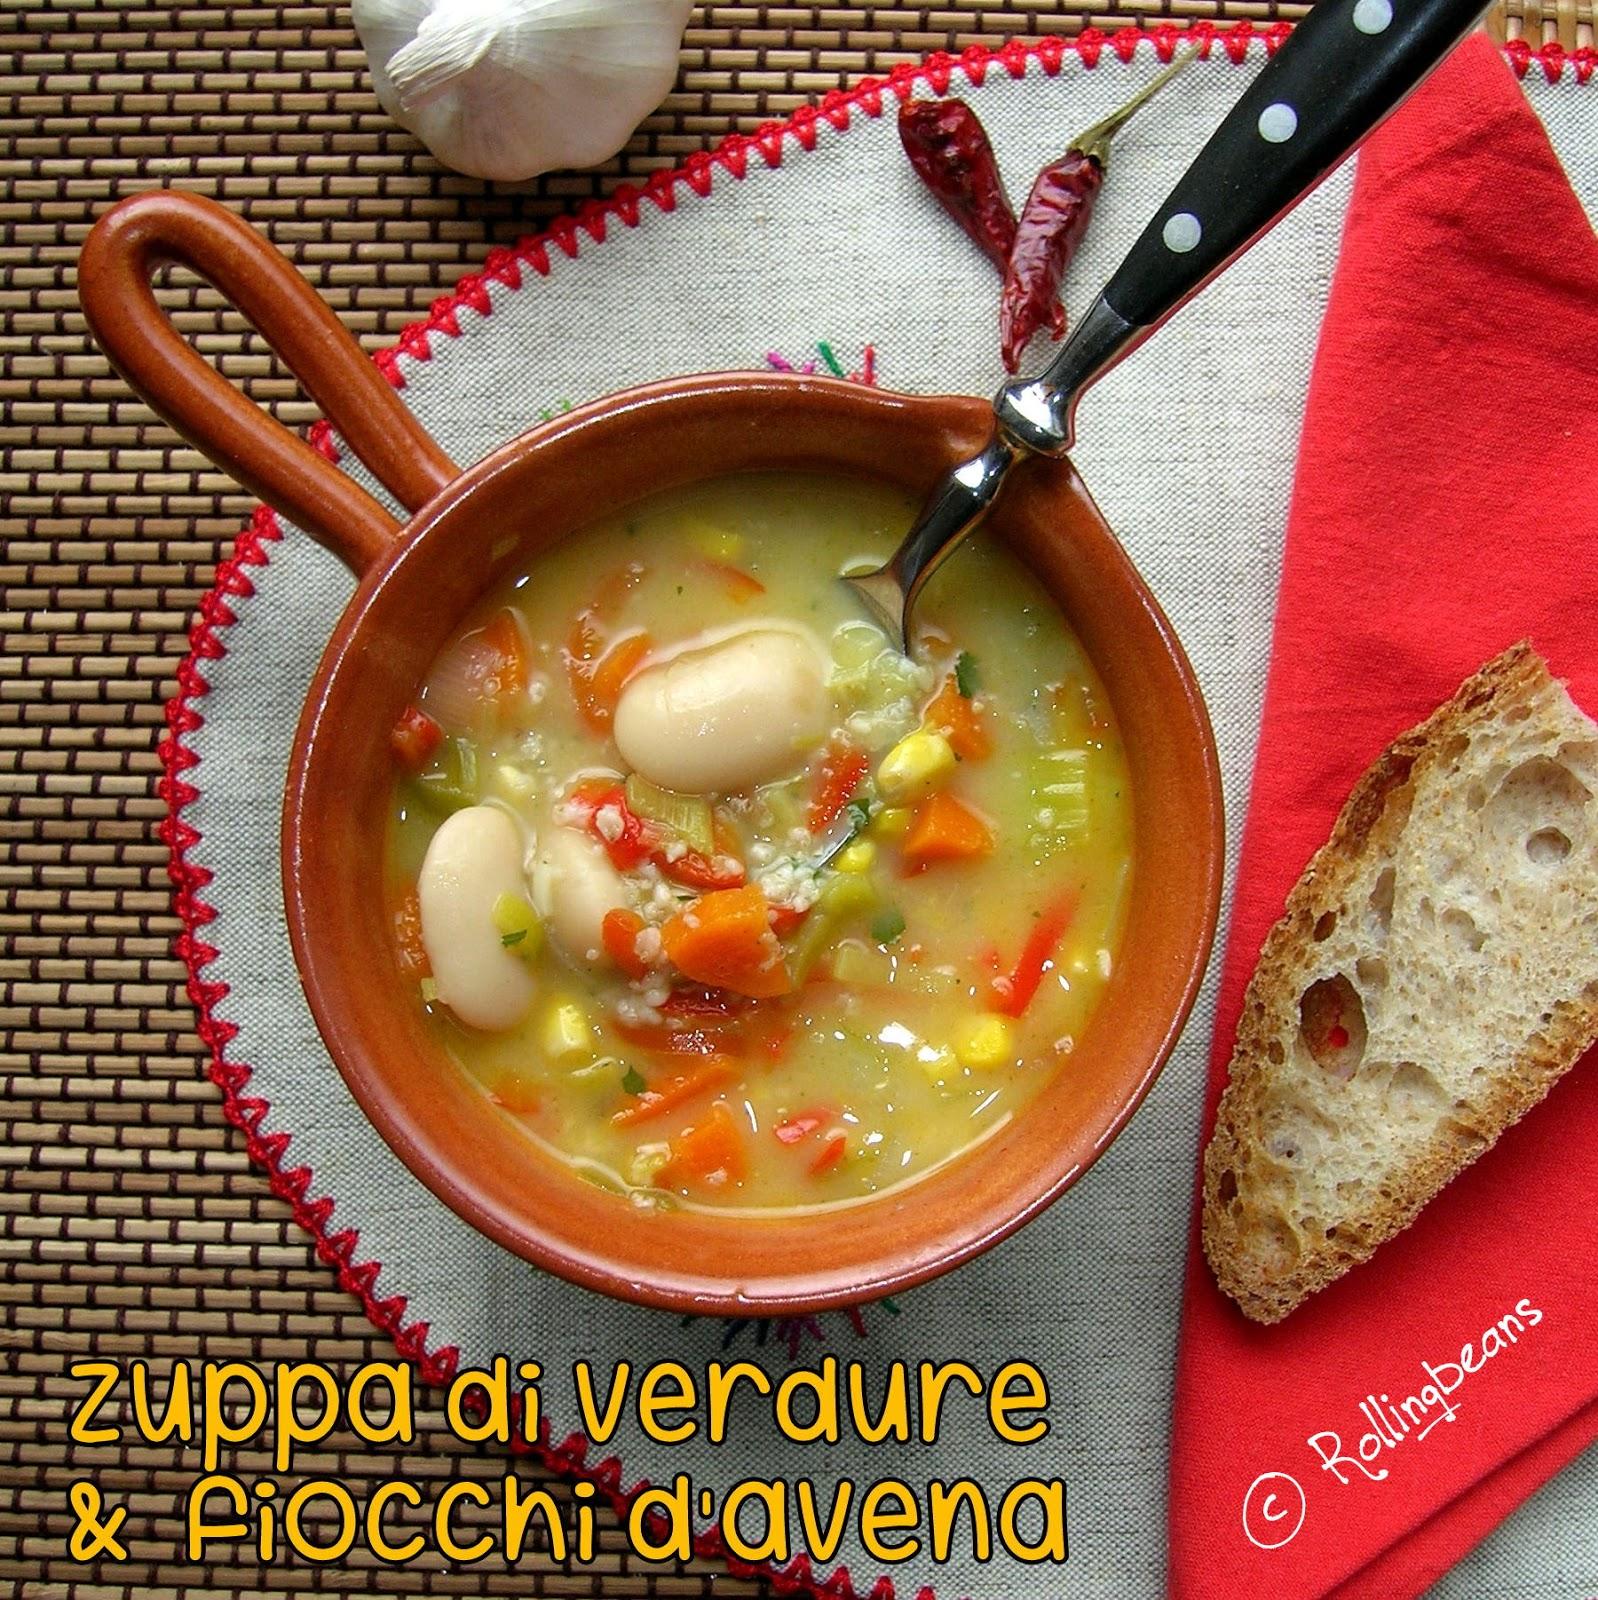 zuppa di verdure e fiocchi d'avena (vegan,gluten free)